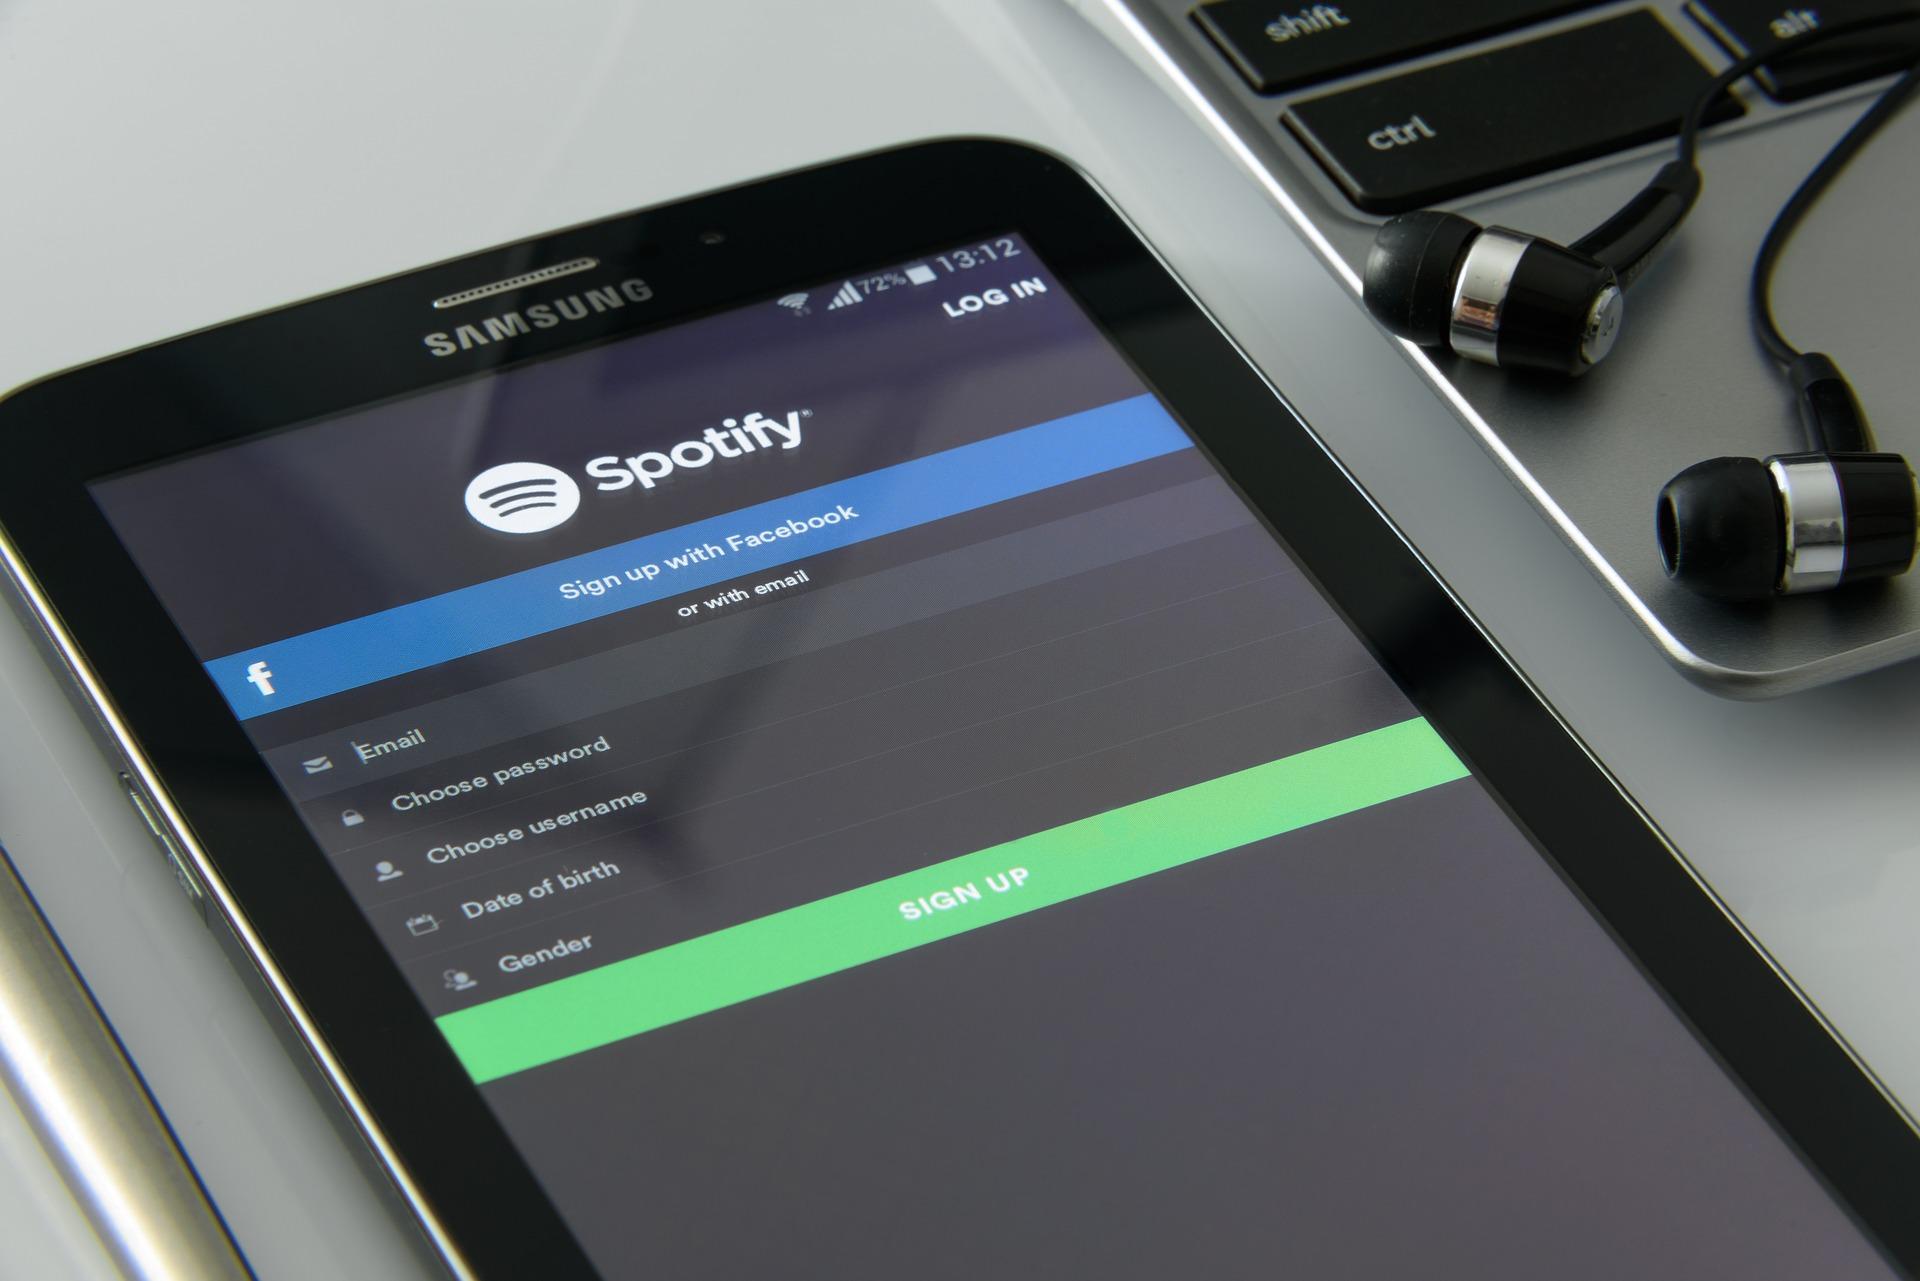 Spotify serait en train de préparer son propre objet connecté